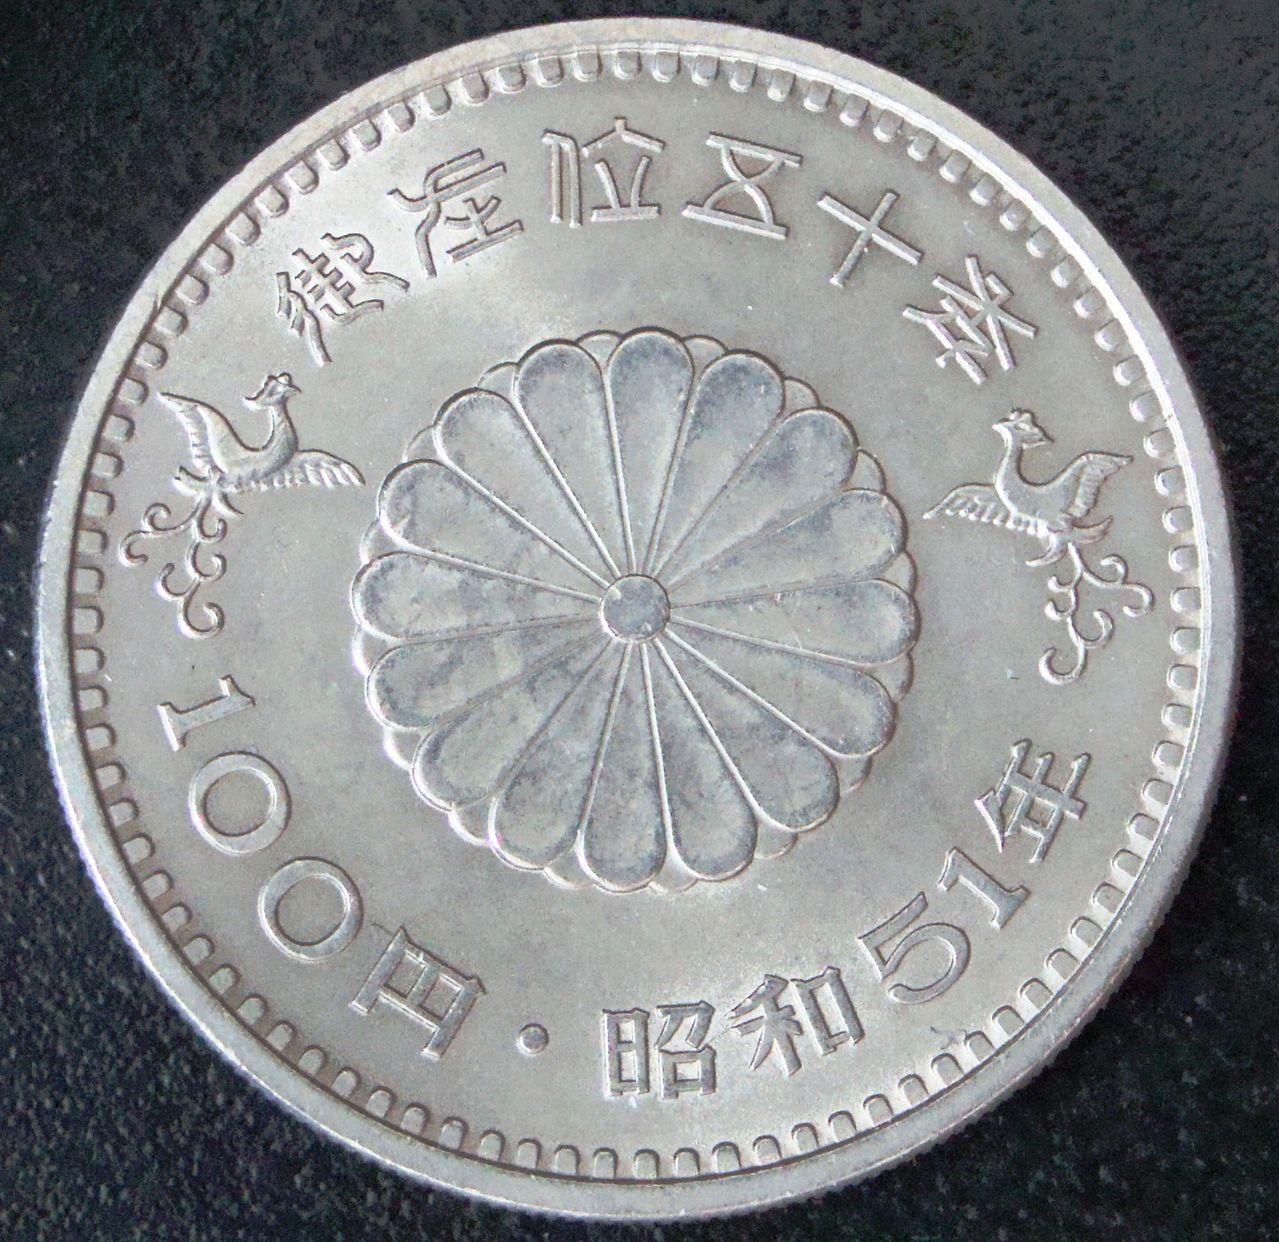 100 Yen. Japón (50 Aniversario de Hirohito) JAP_100_Yen_50_Aniversario_de_Hirohito_rev